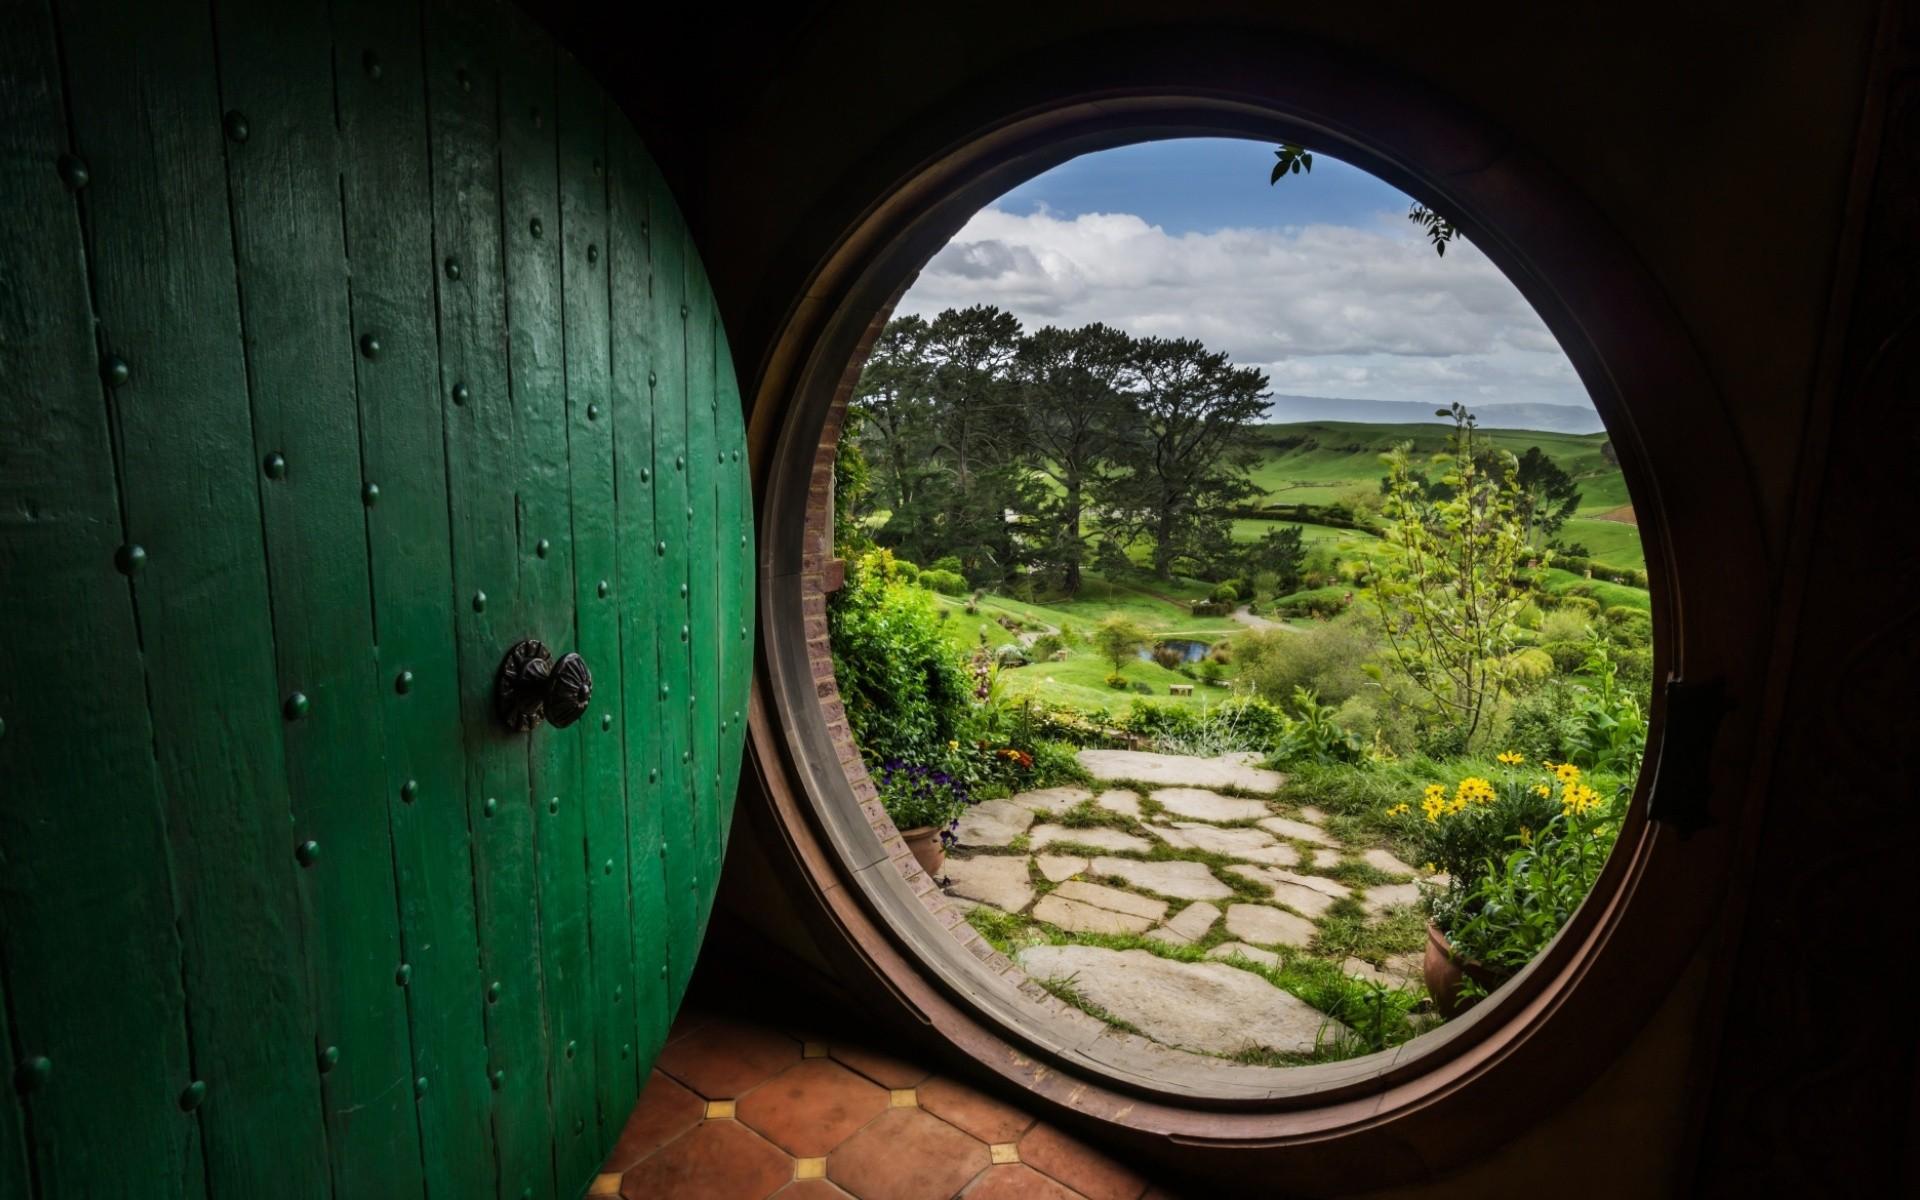 Barrel behind the door